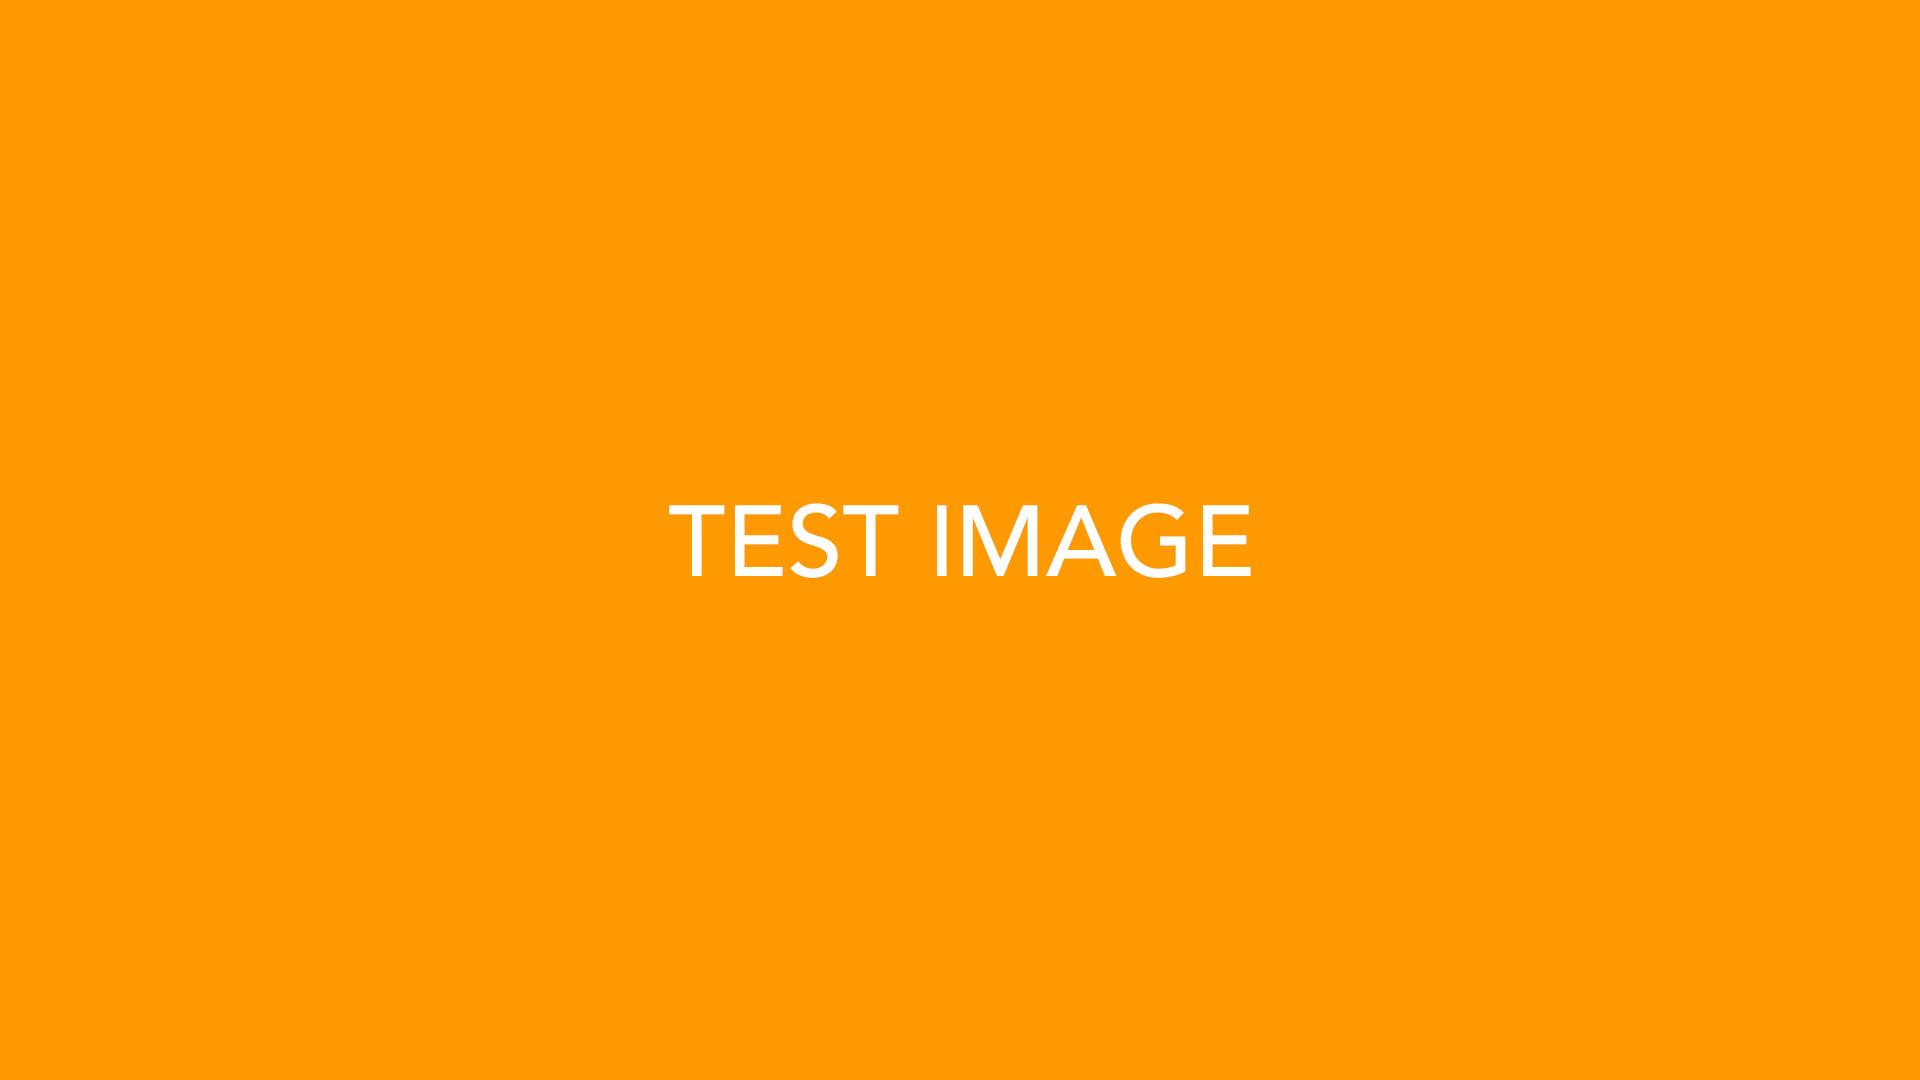 TestImage_03.jpg